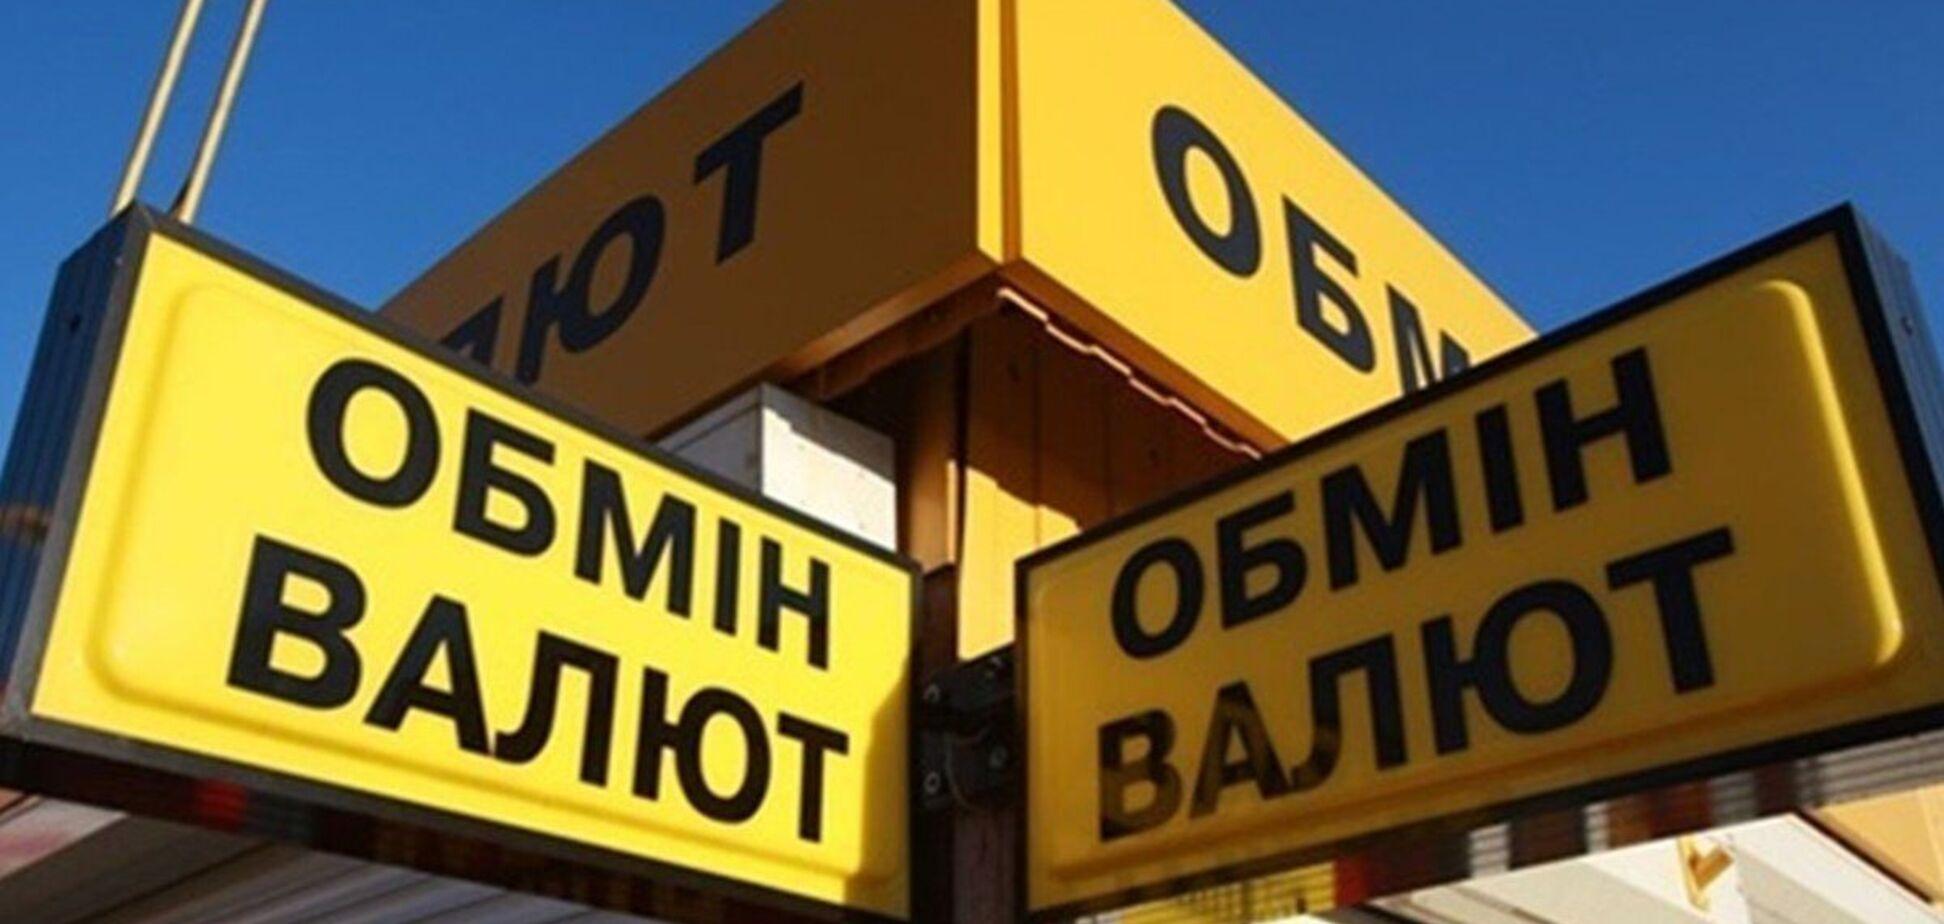 Яких помилок туристи припускаються під час обміну валют: експерт дав відповідь